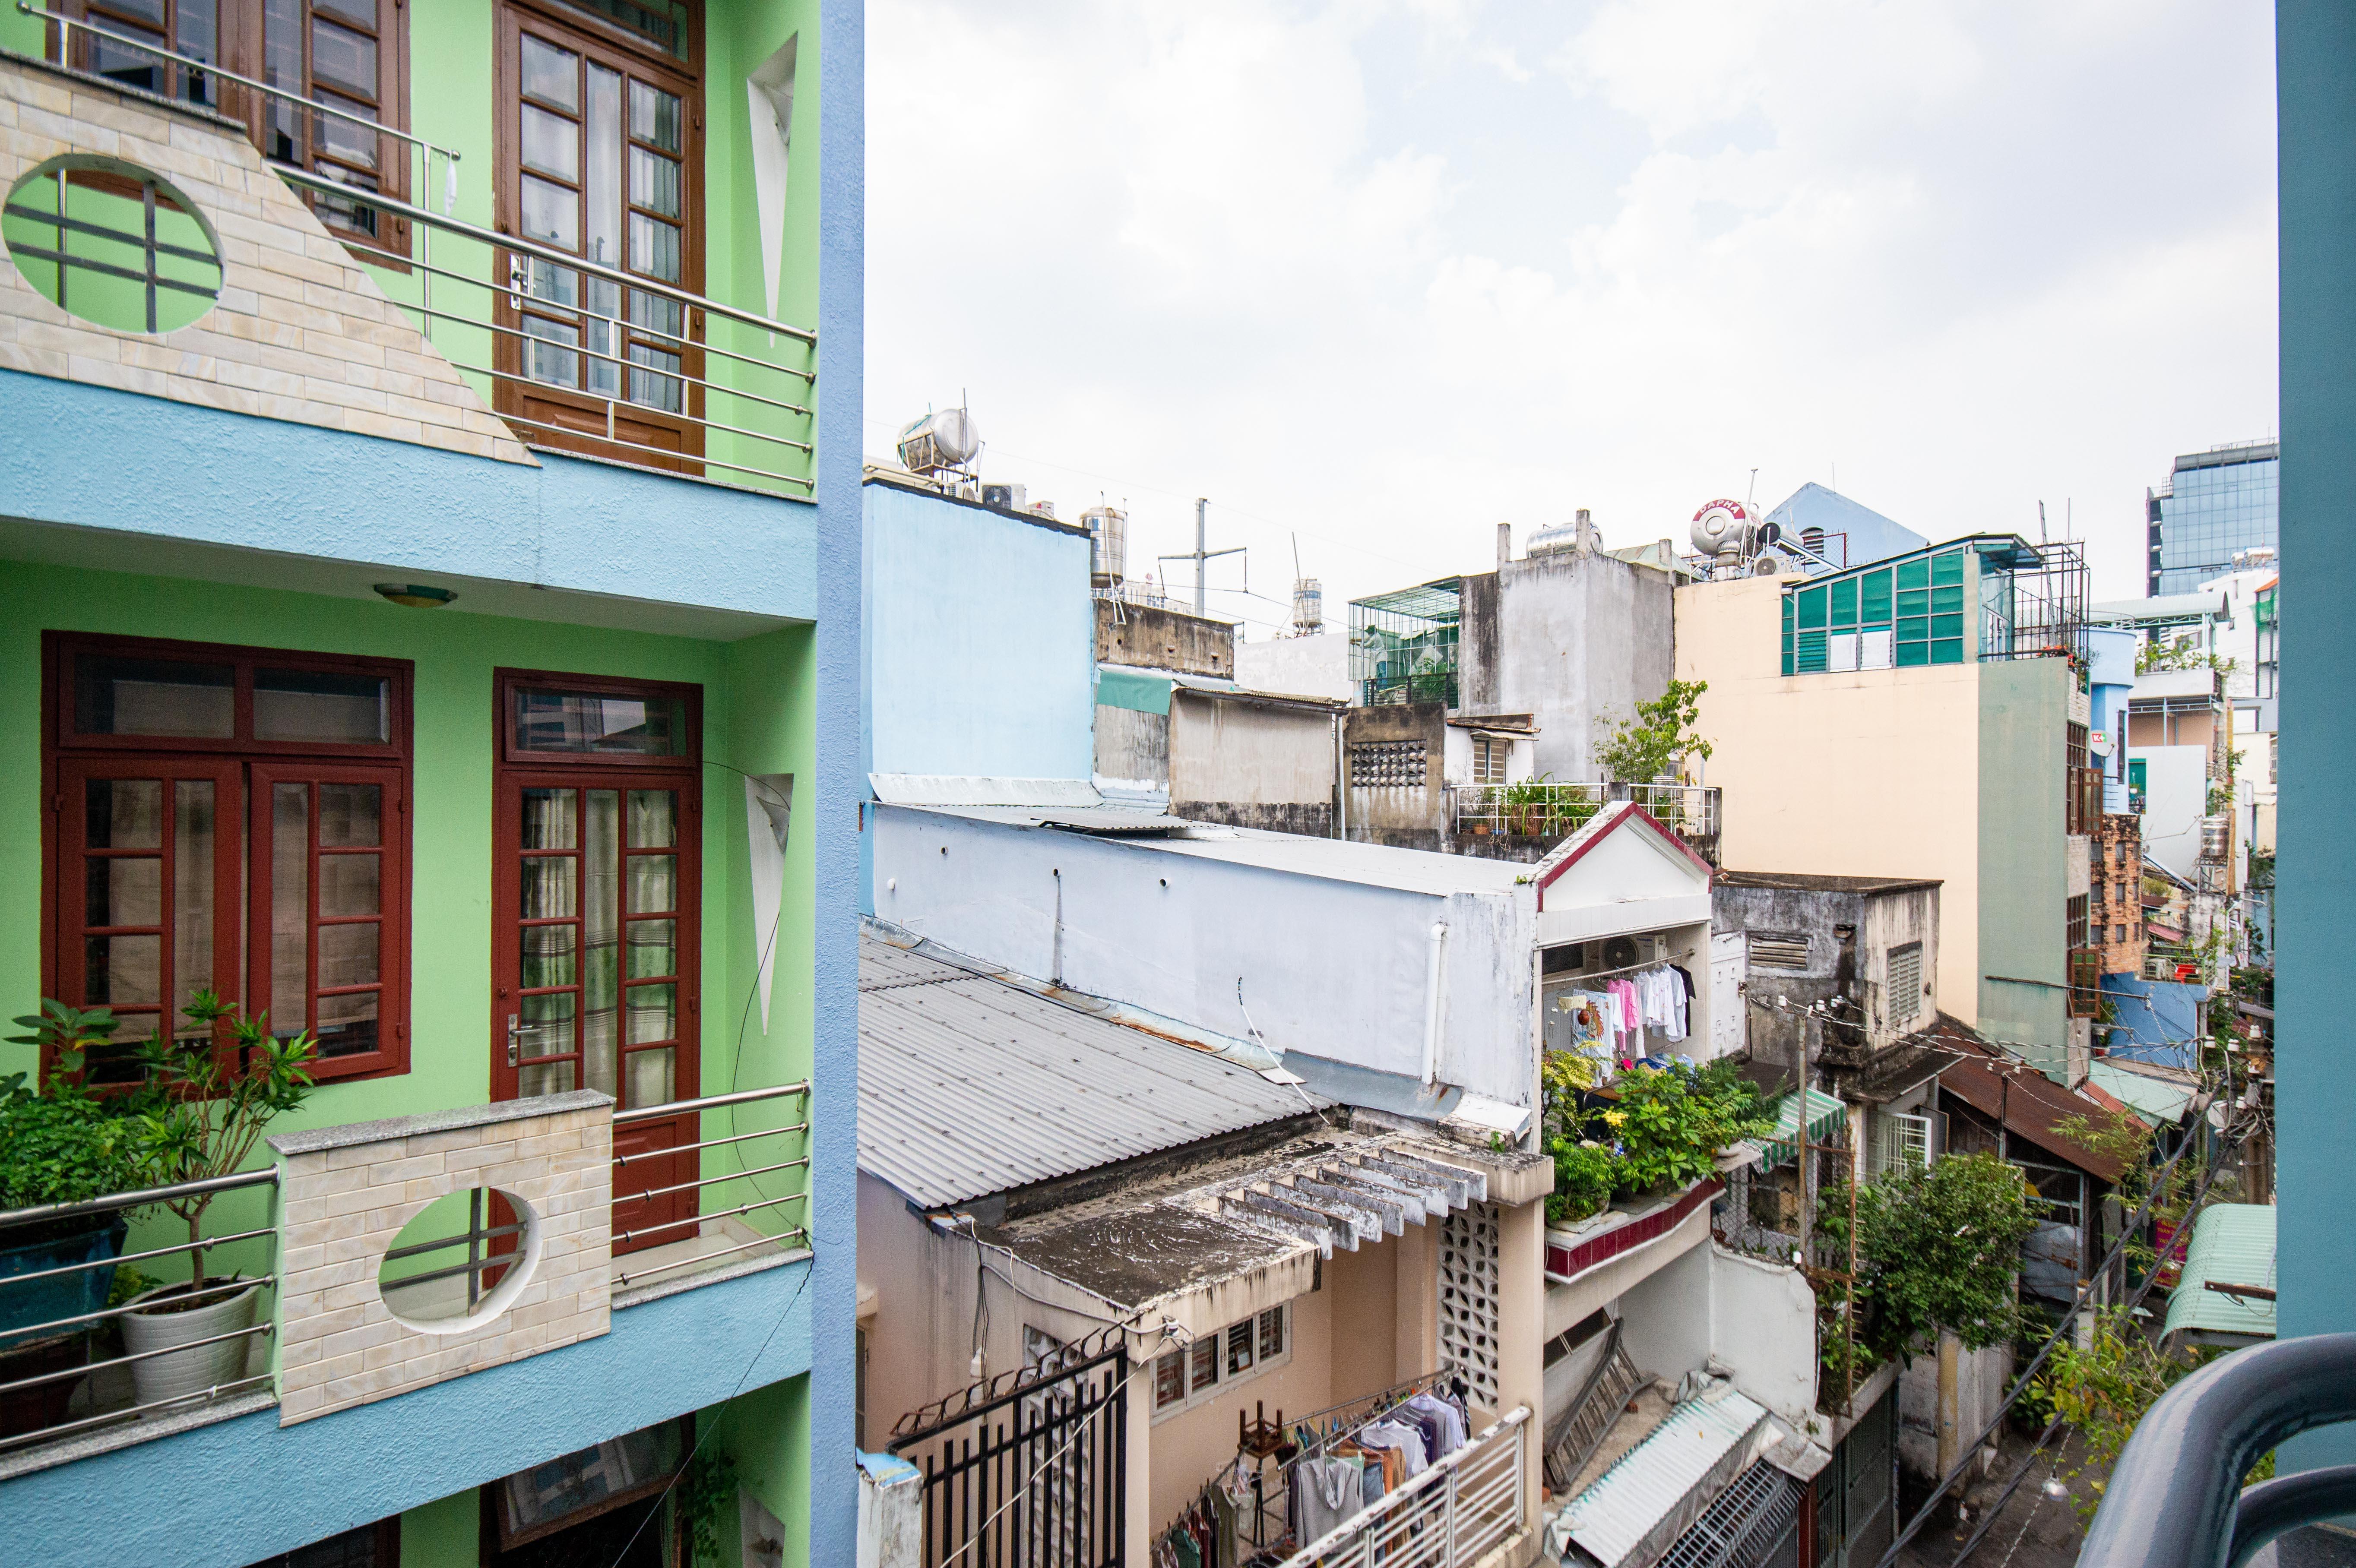 Cho Thuê Căn hộ 1 PN Nguyen Dinh Chieu D3 Apartment - Có Bồn Tắm -9